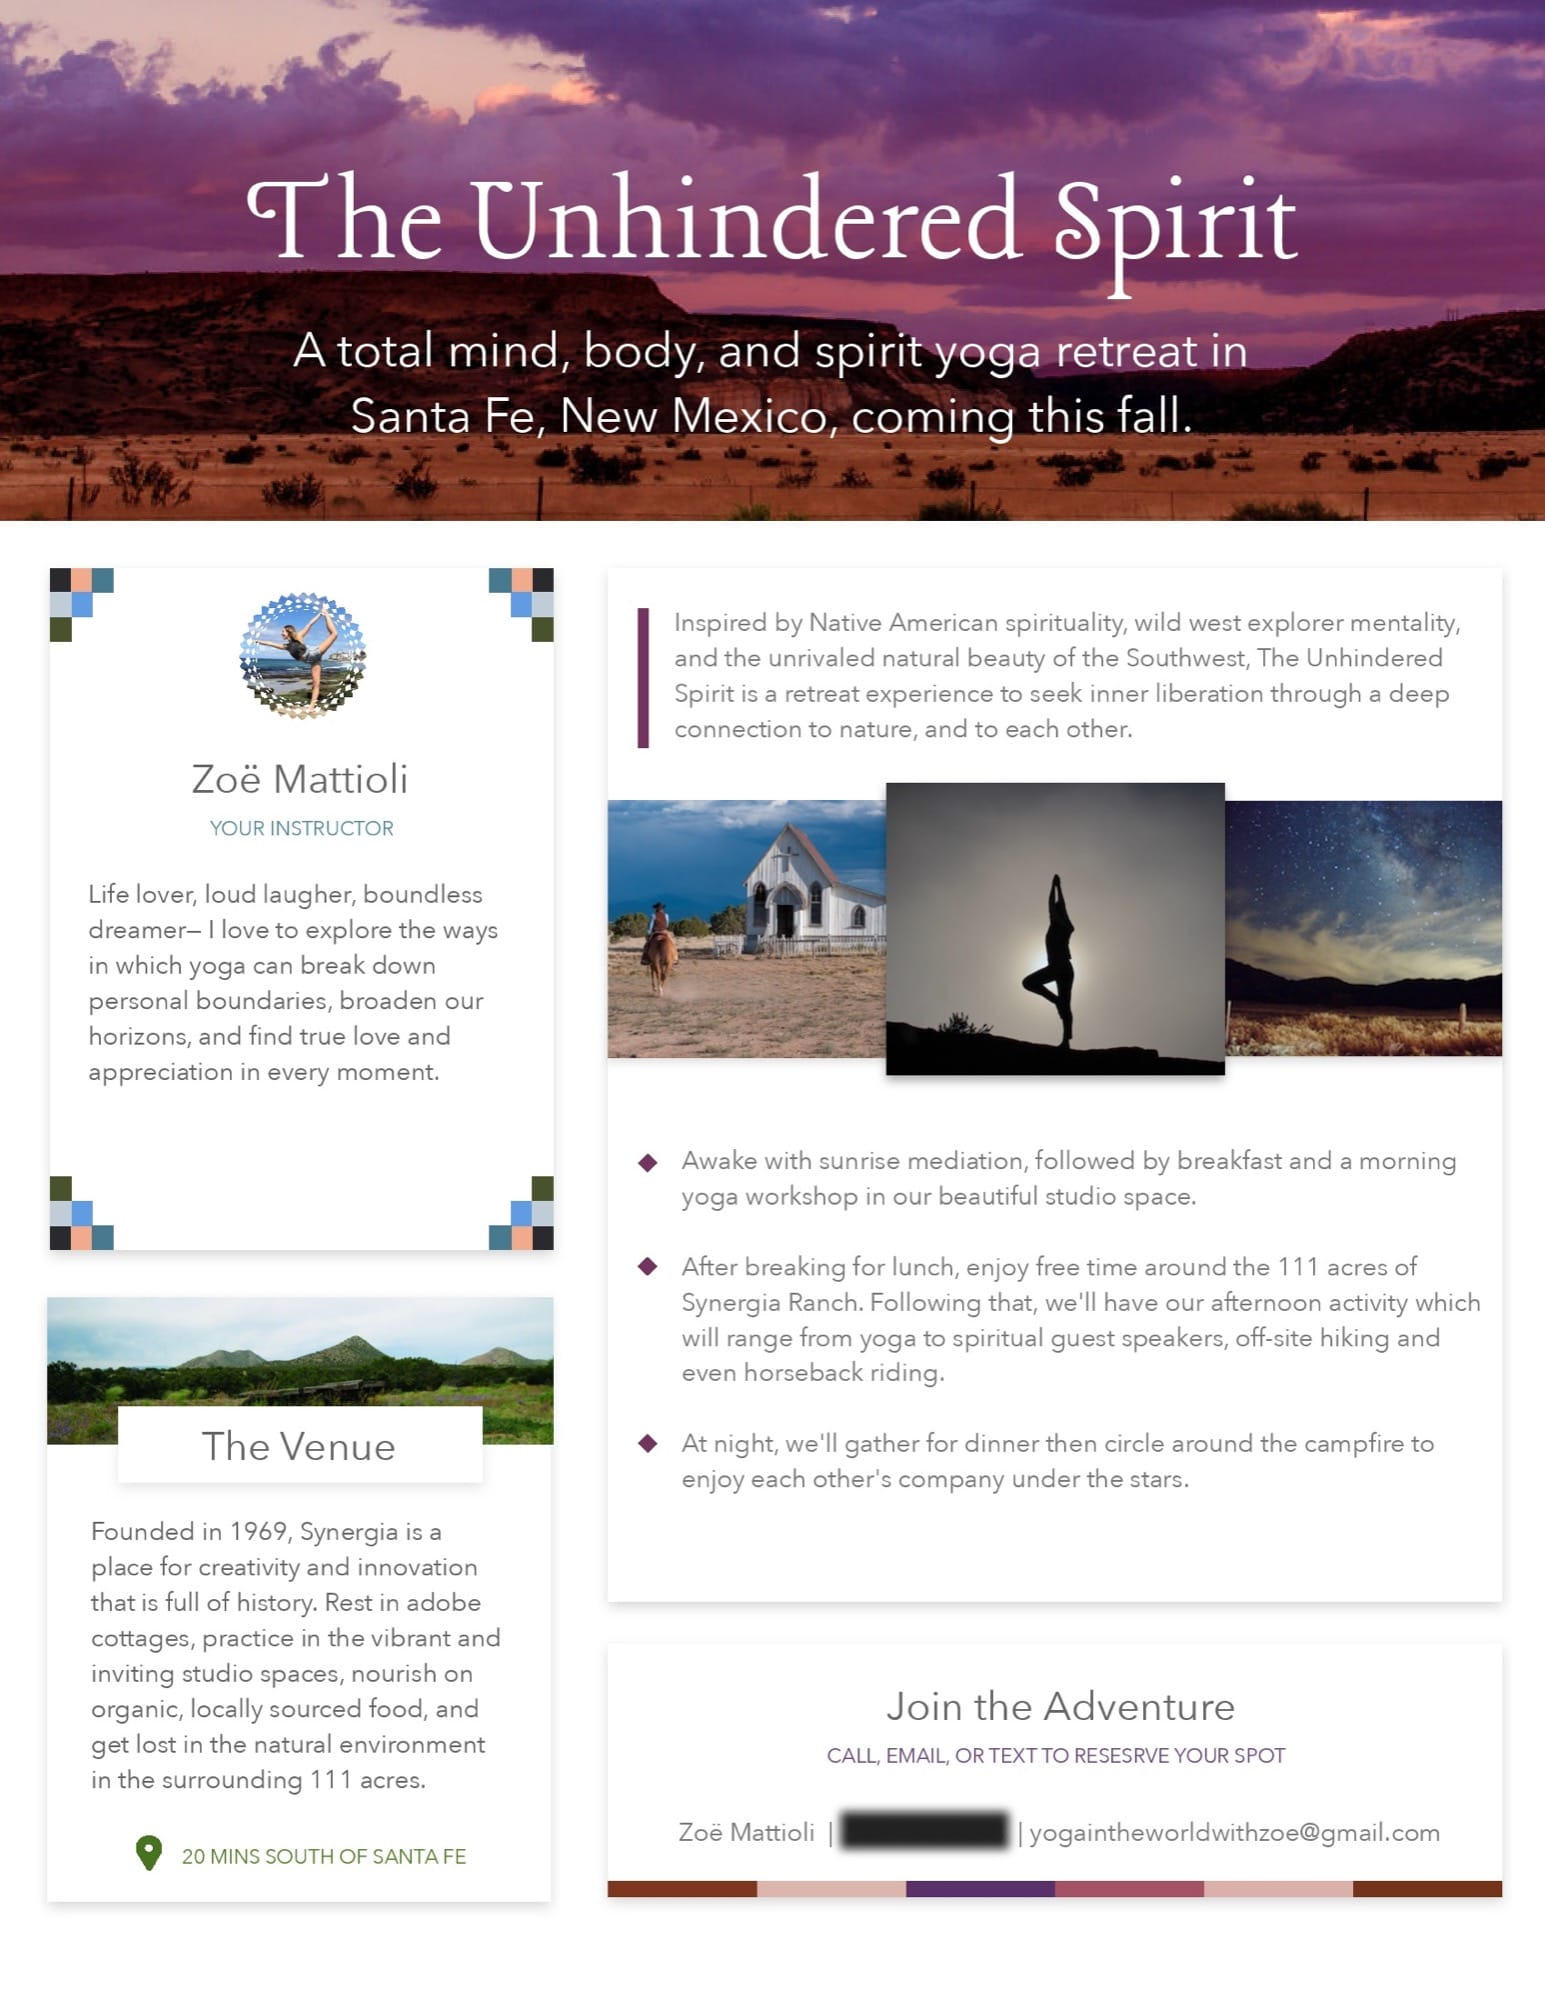 PDF design for yoga retreat in New Mexico